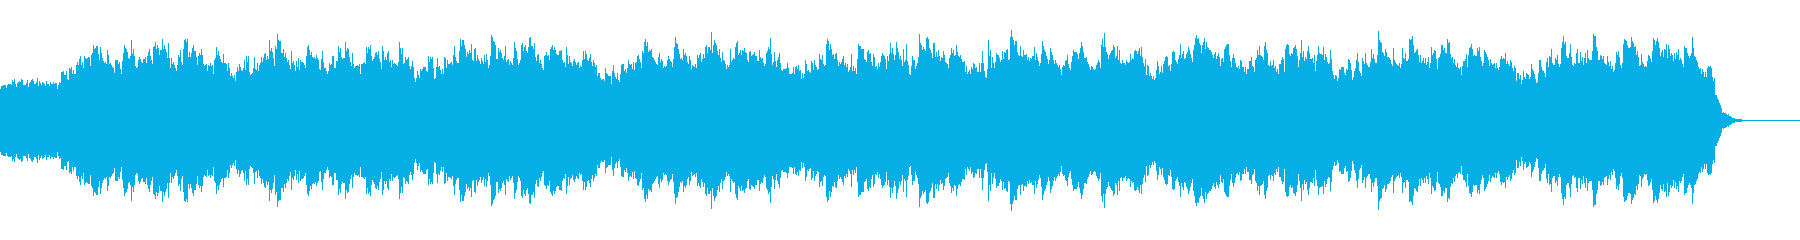 【ホラー・SF系】ノイズ、サスペンスの再生済みの波形